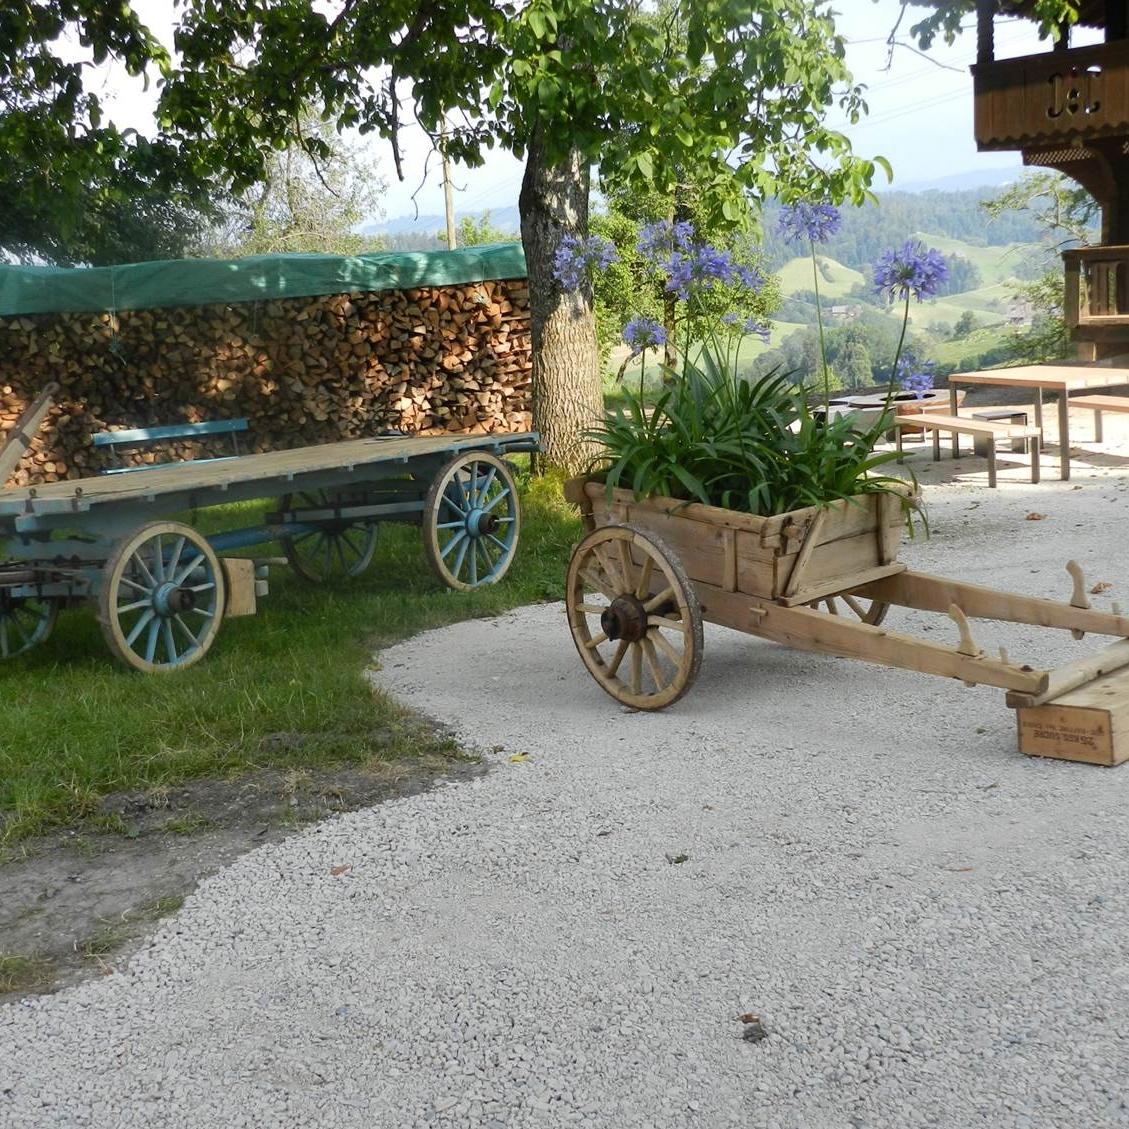 die alten Wagen wirken sehr dekorativ